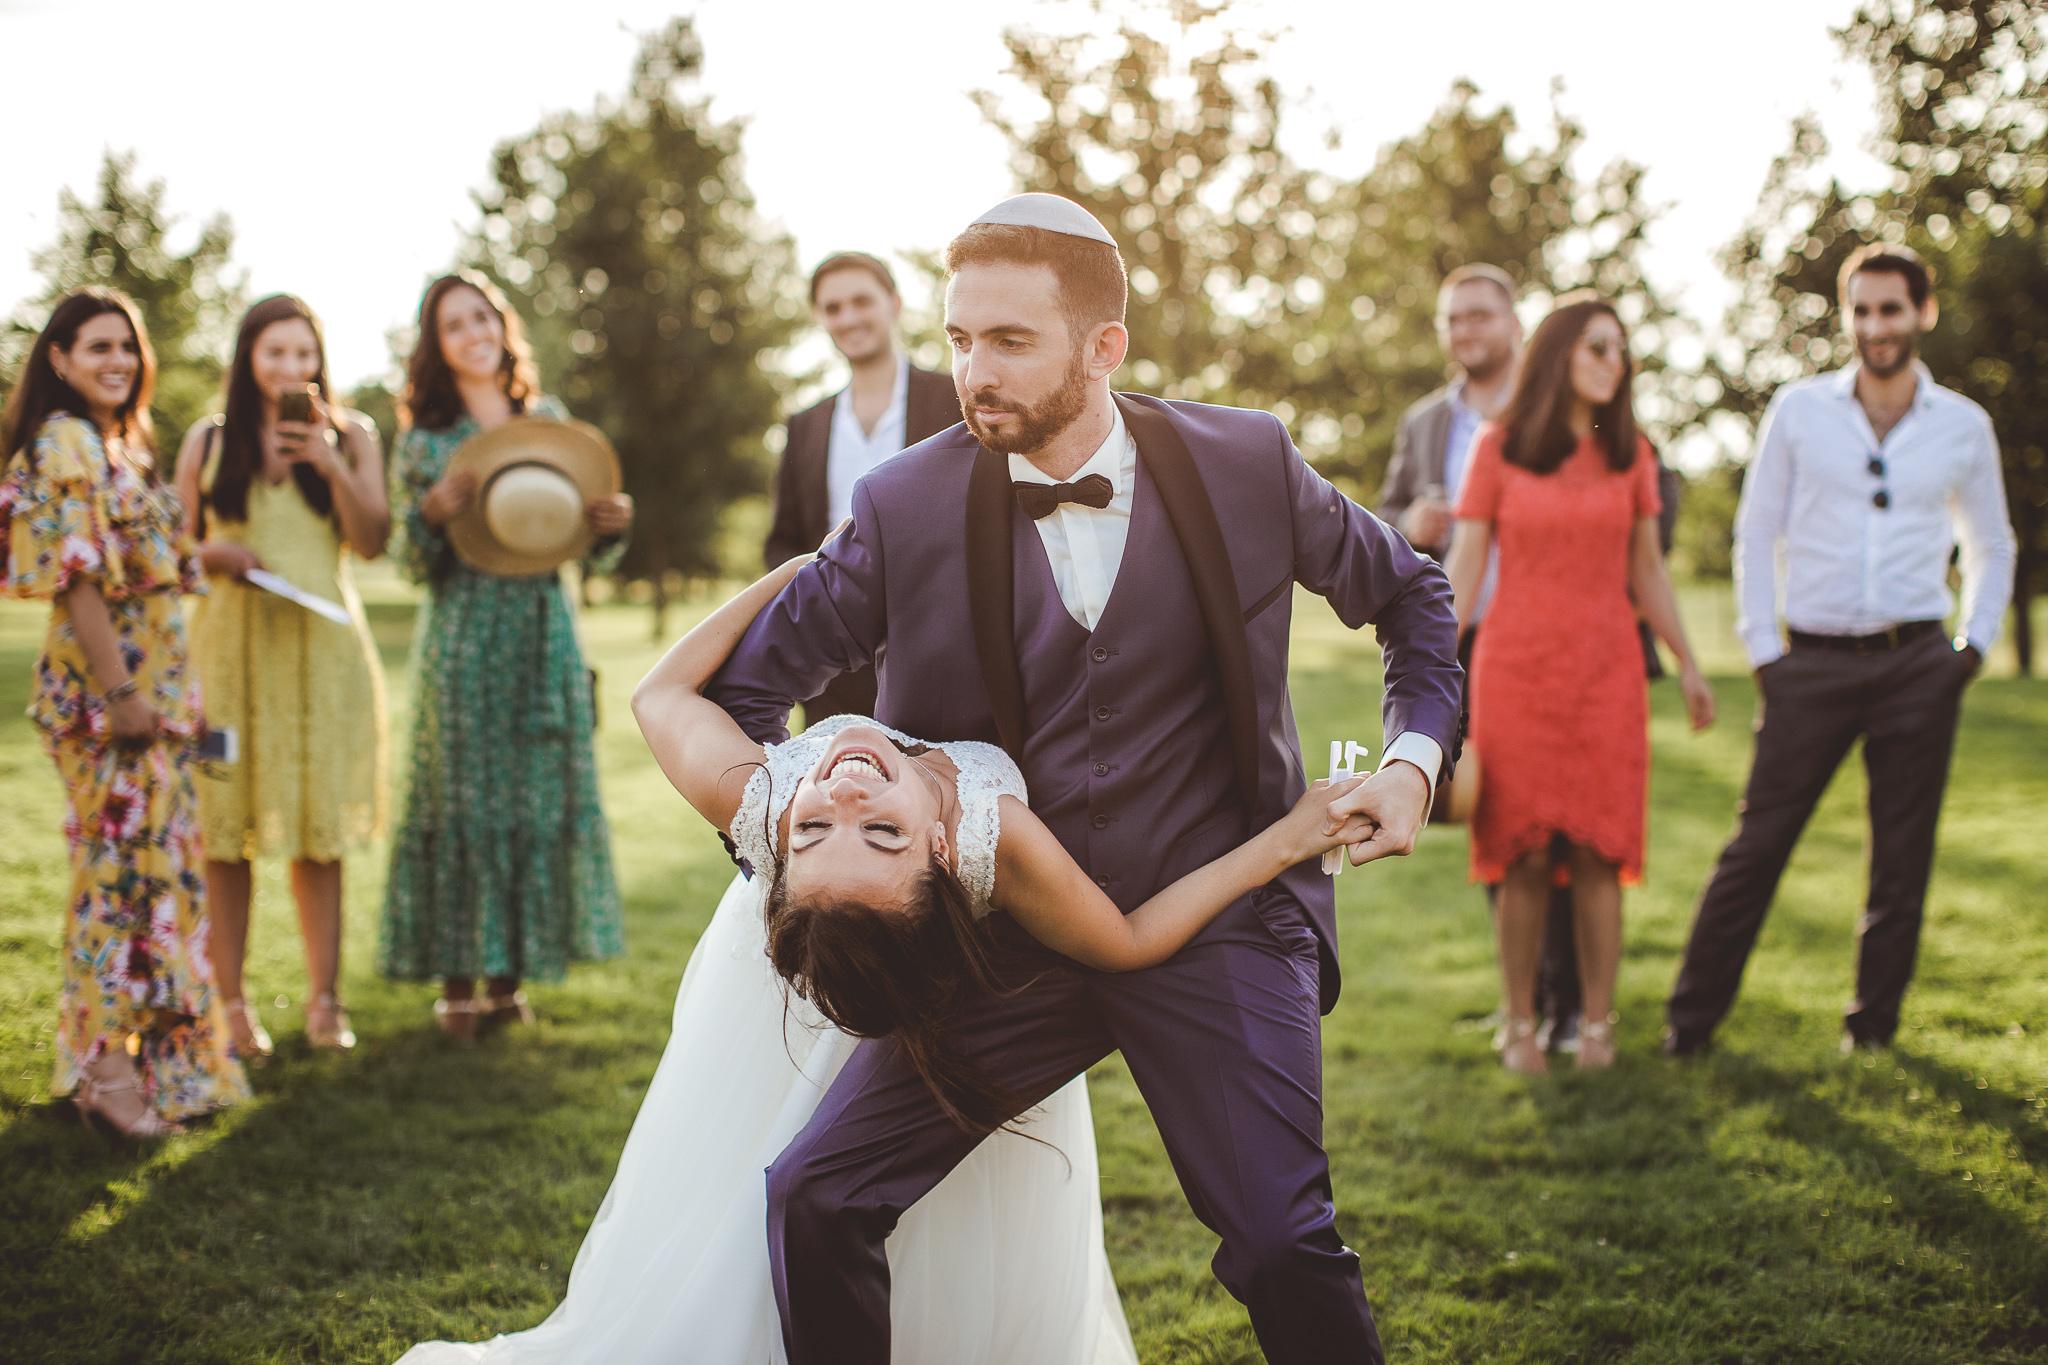 reportage mariage photo invites maries cocktail vin honneur couple danse domaine presissac toulouse